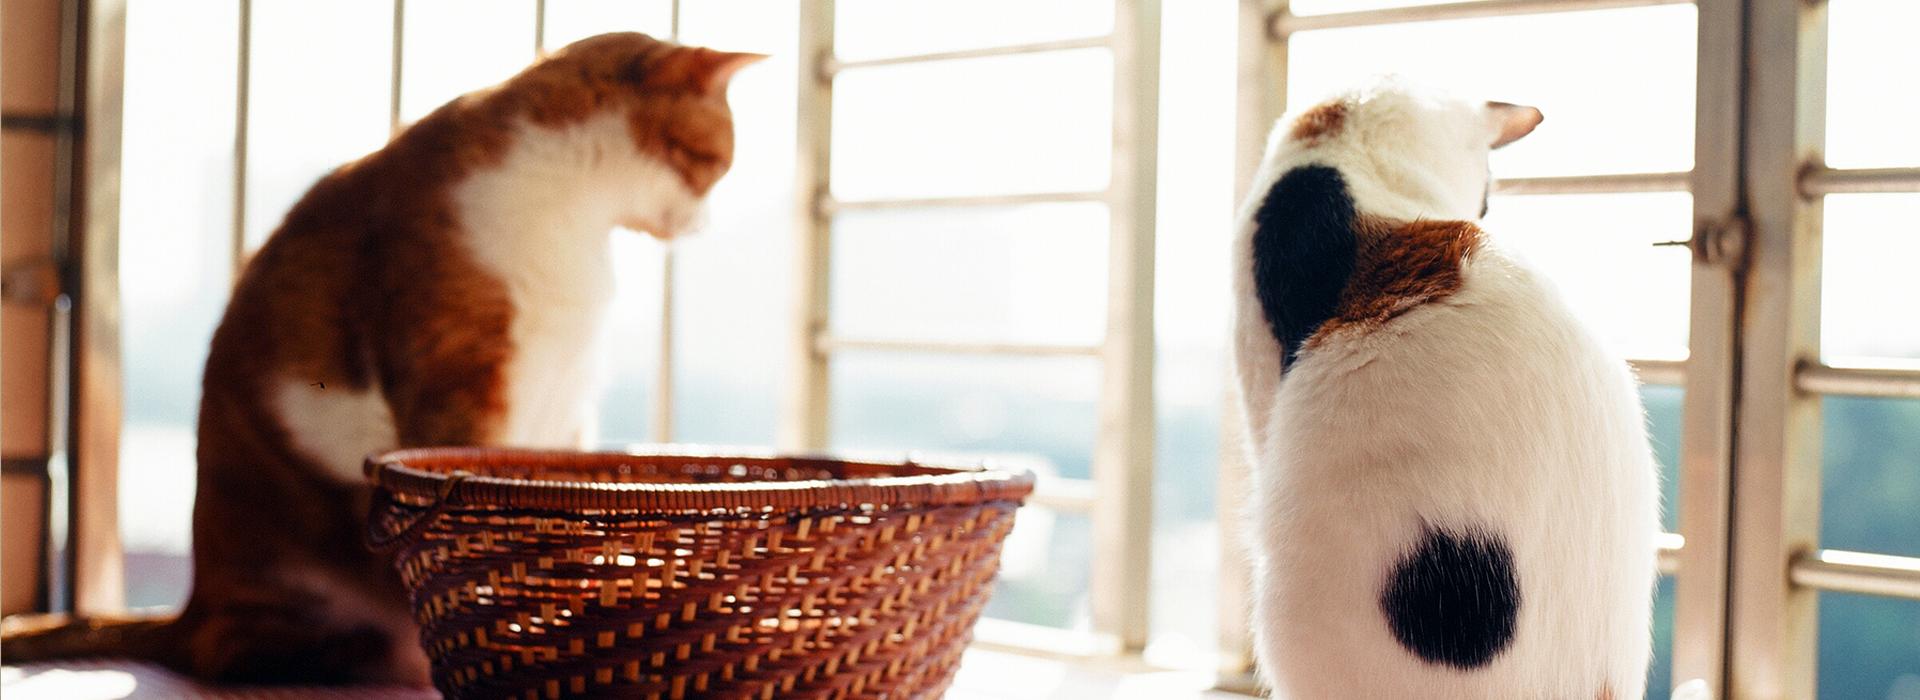 疊紙箱、曬太陽、多陪伴—7大撇步  搞定貓咪也能很輕鬆